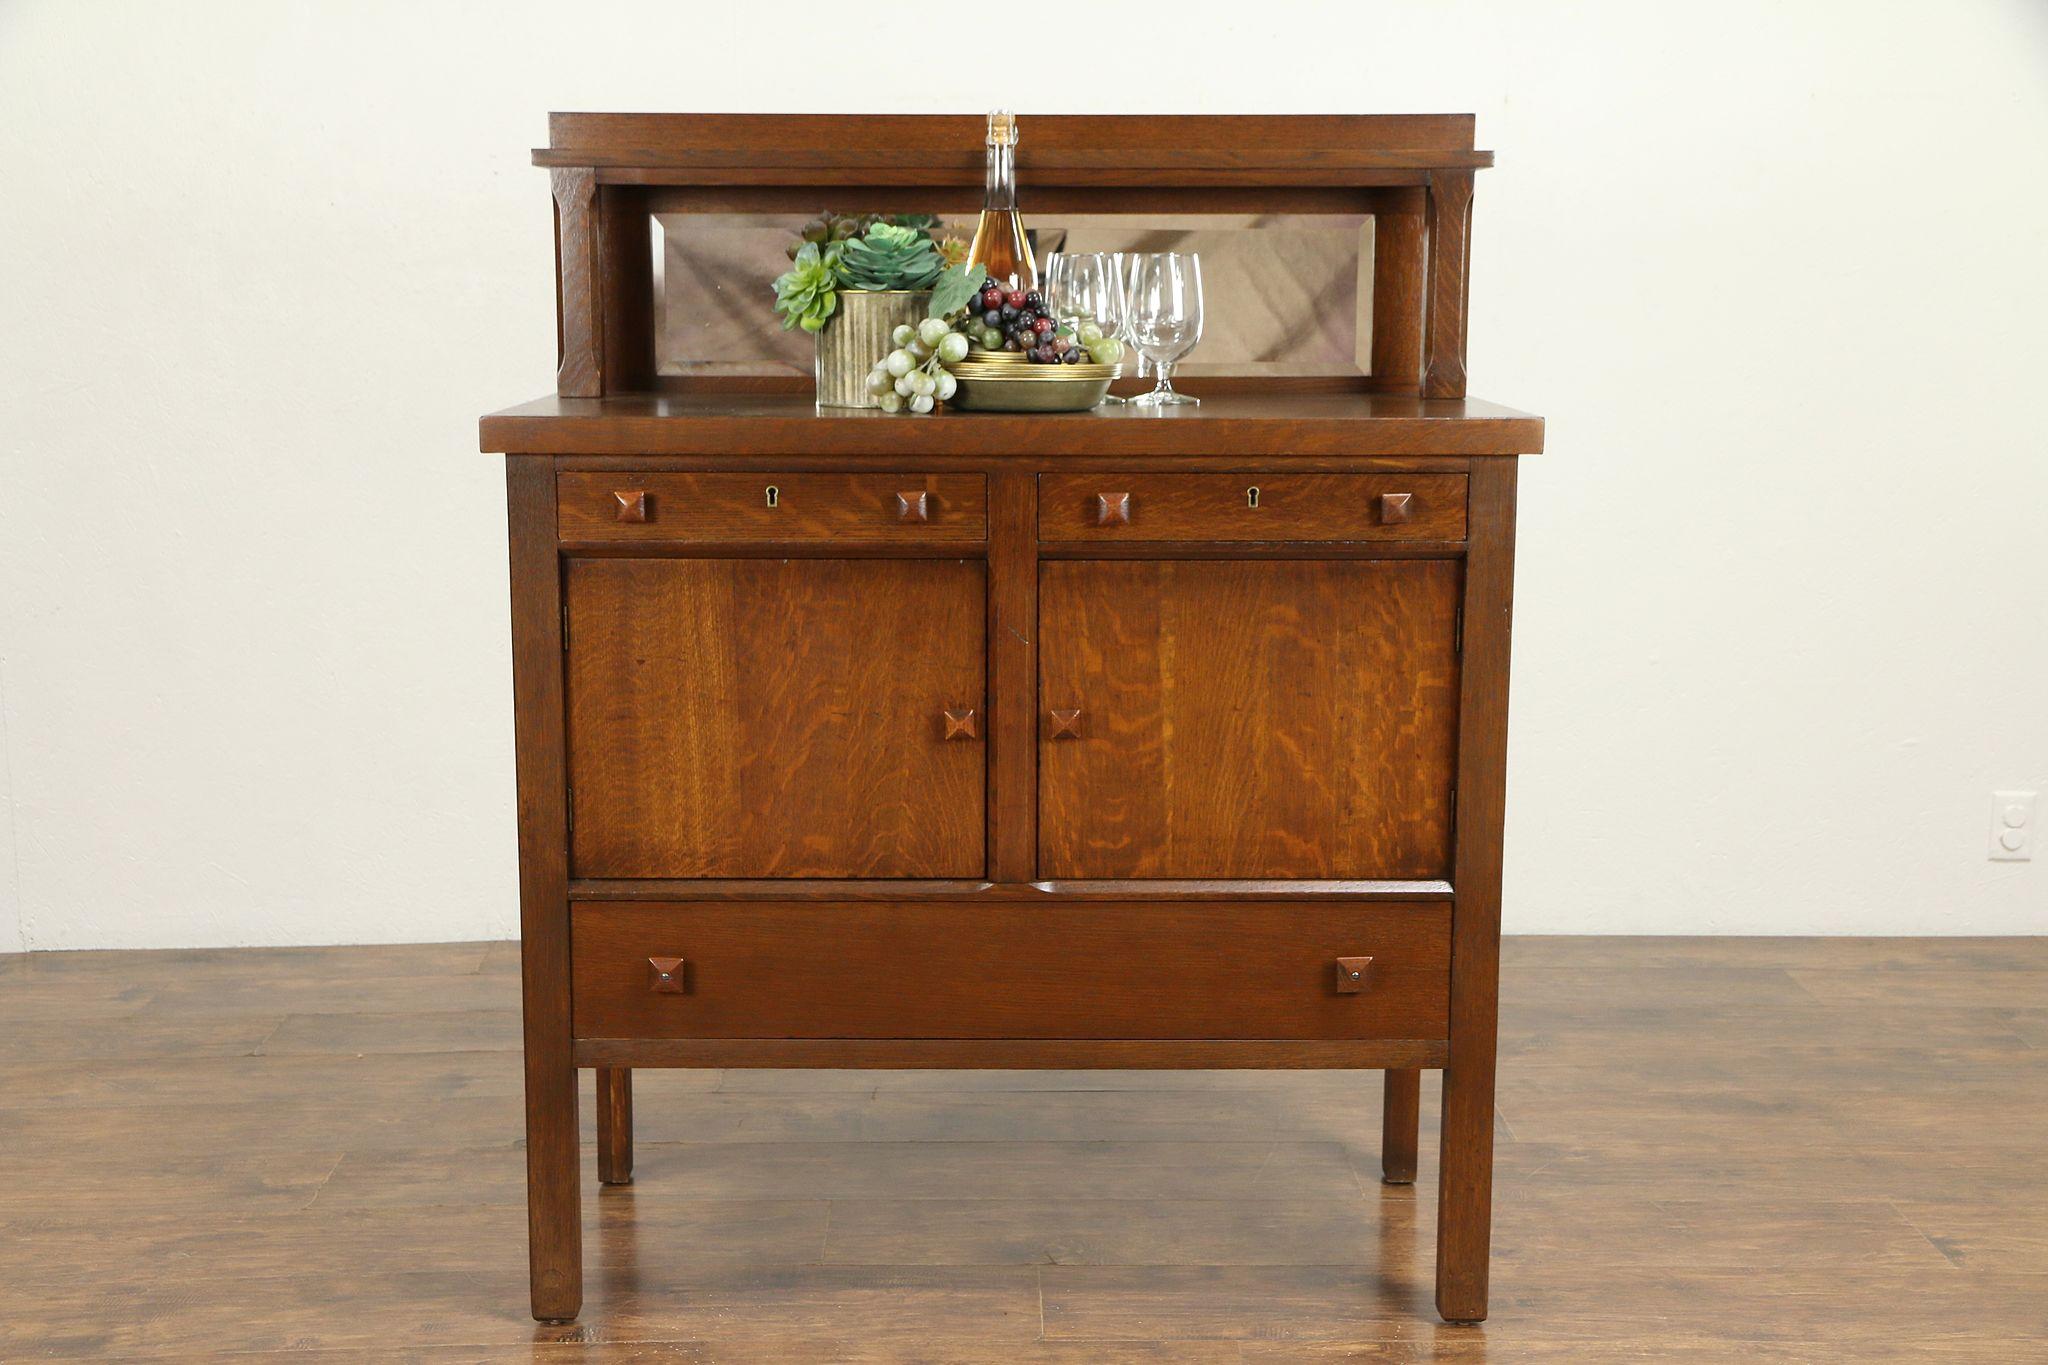 Arts Crafts Mission Oak Antique Craftsman Sideboard Server Or Buffet 31212 Photo